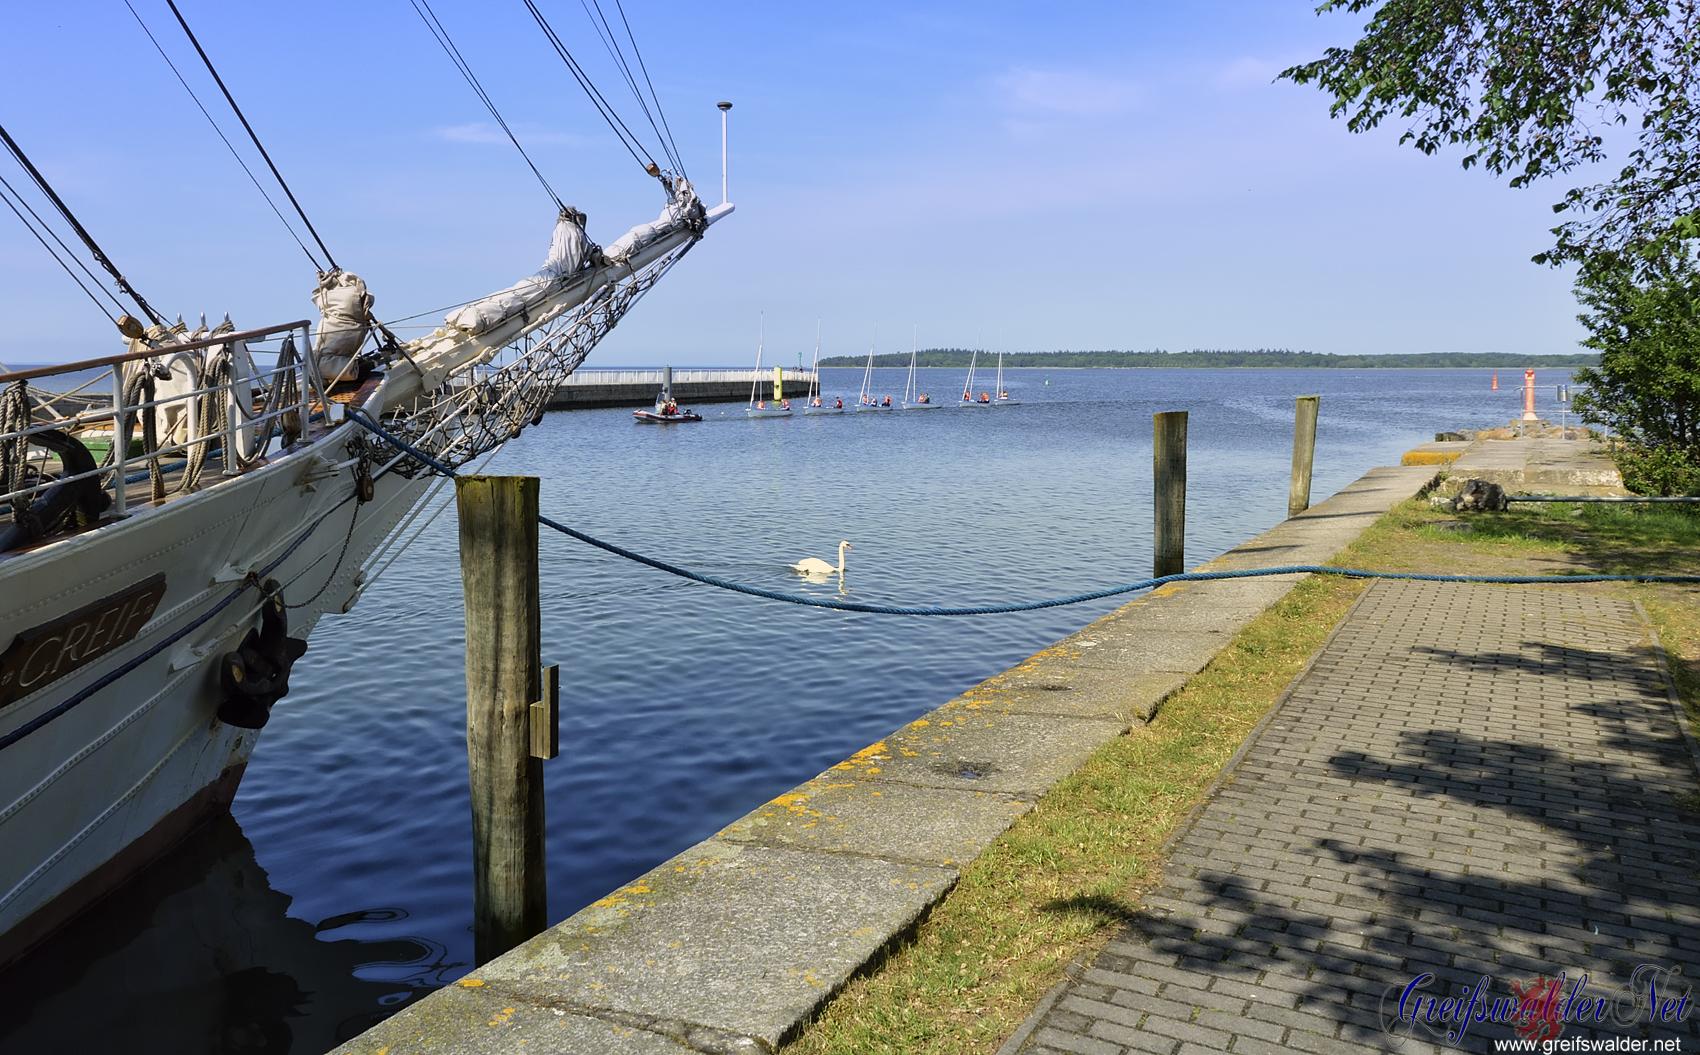 Nachmittag zwischen 2 Regenschauer an der Mole in Greifswald-Wieck